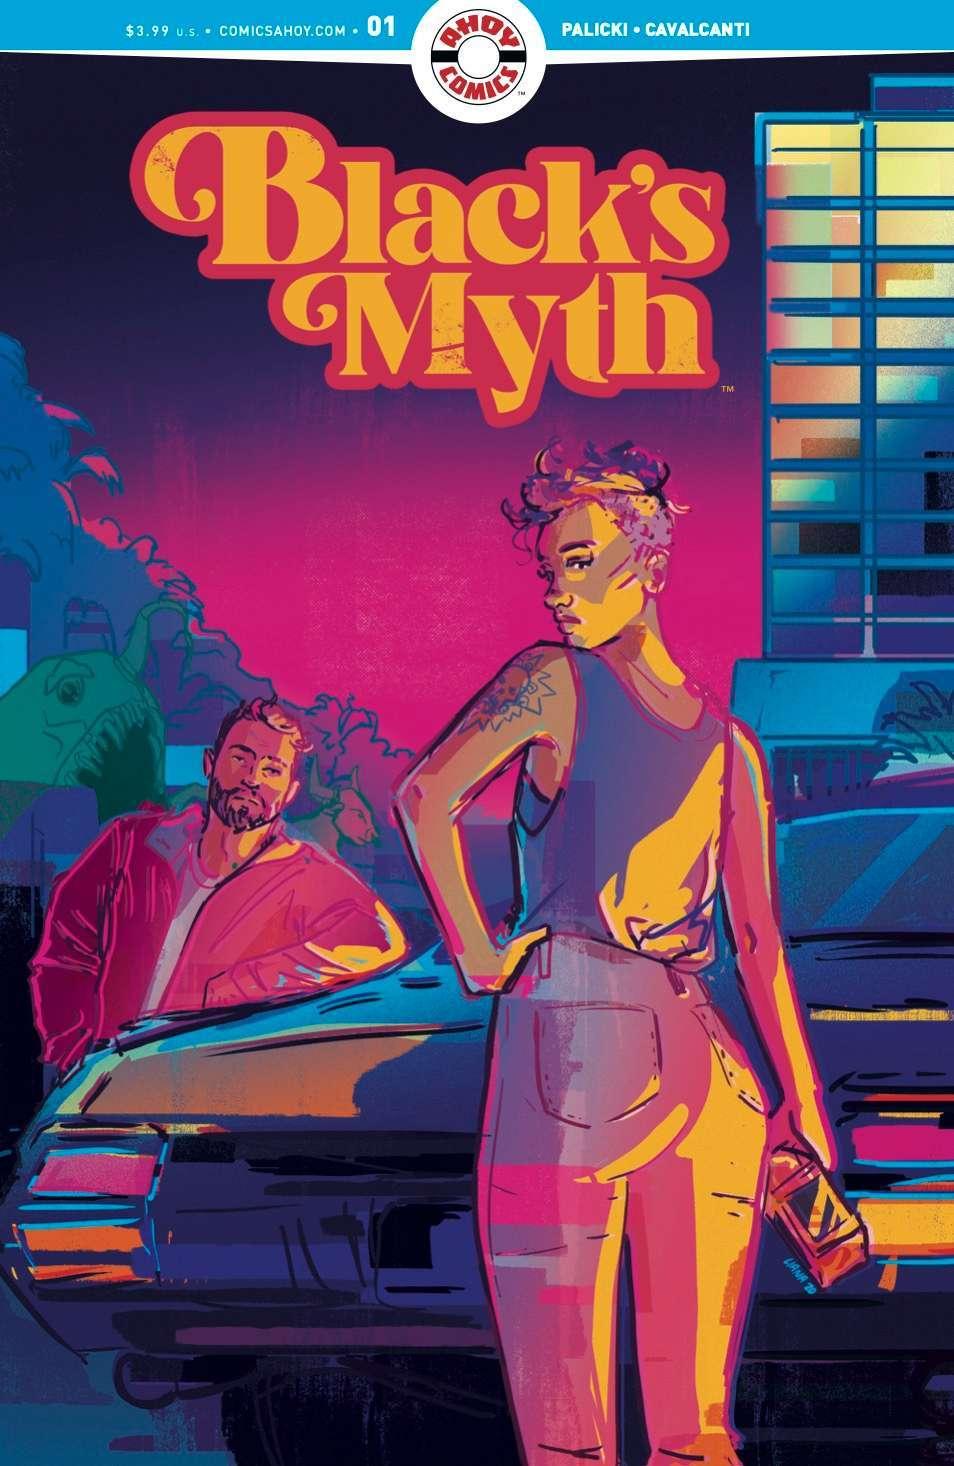 Black's Myth #1